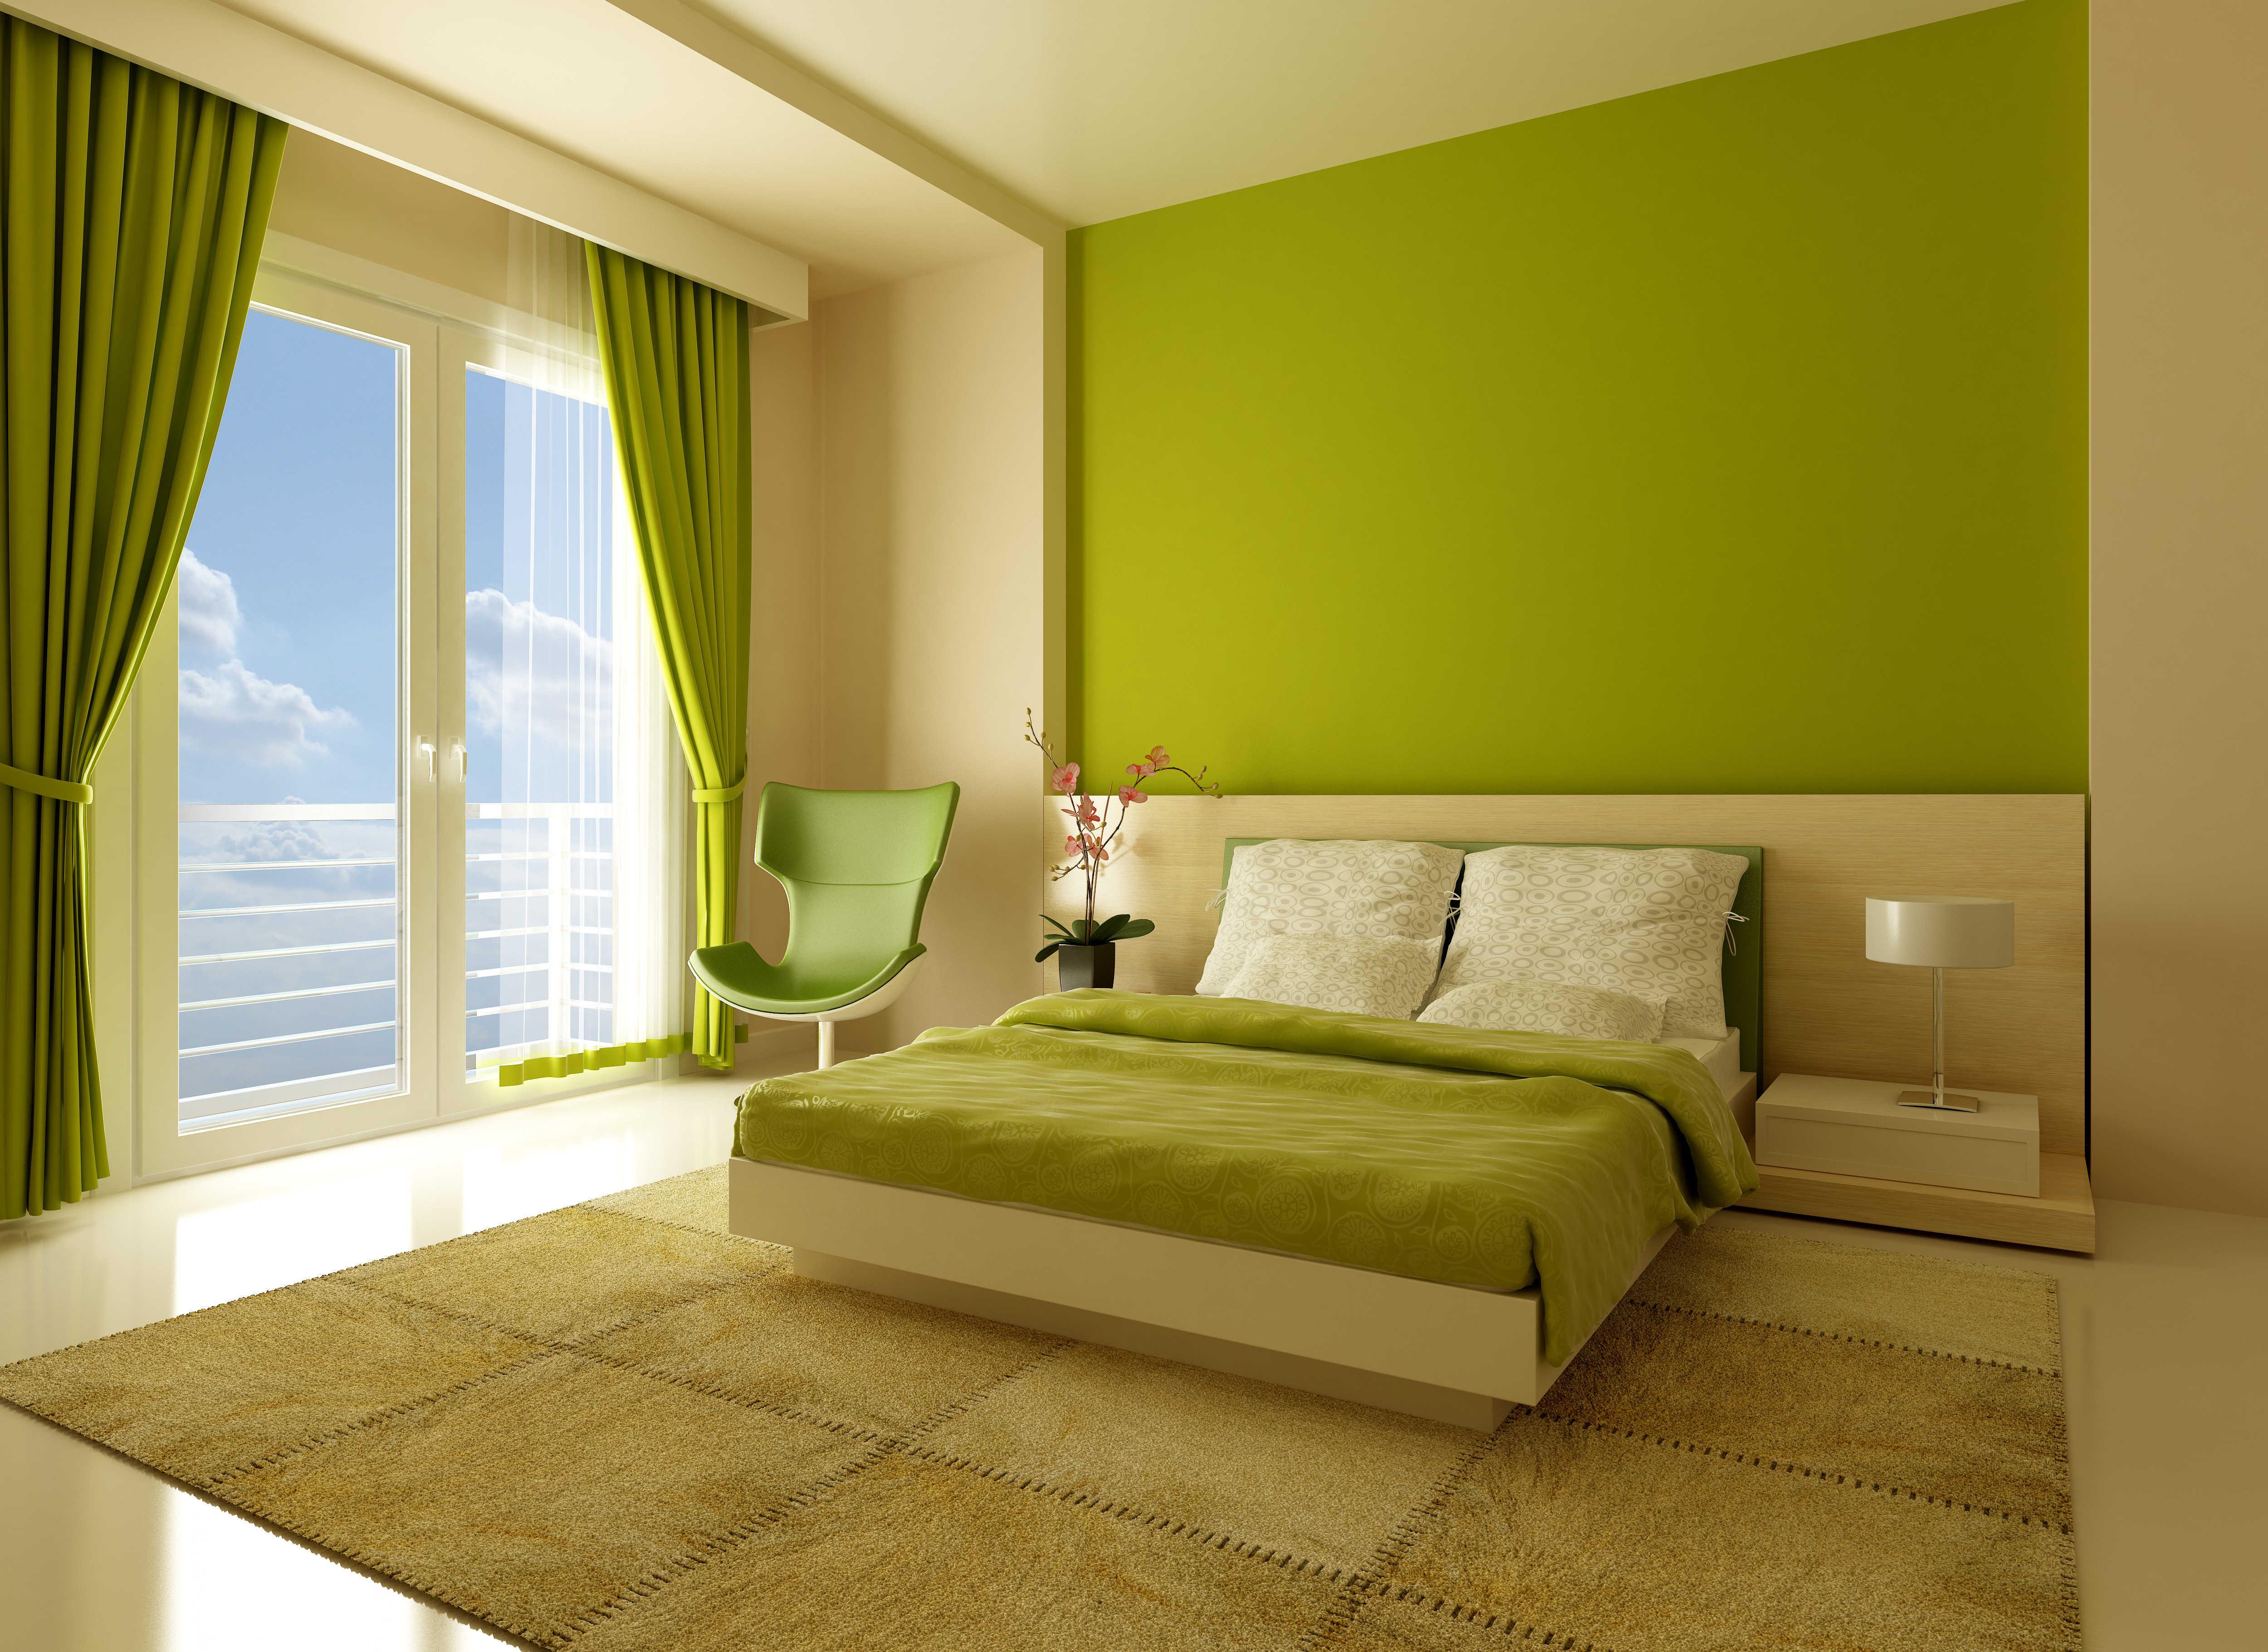 Как подобрать цвета для спальни: лучшие советы и фото дизайн.